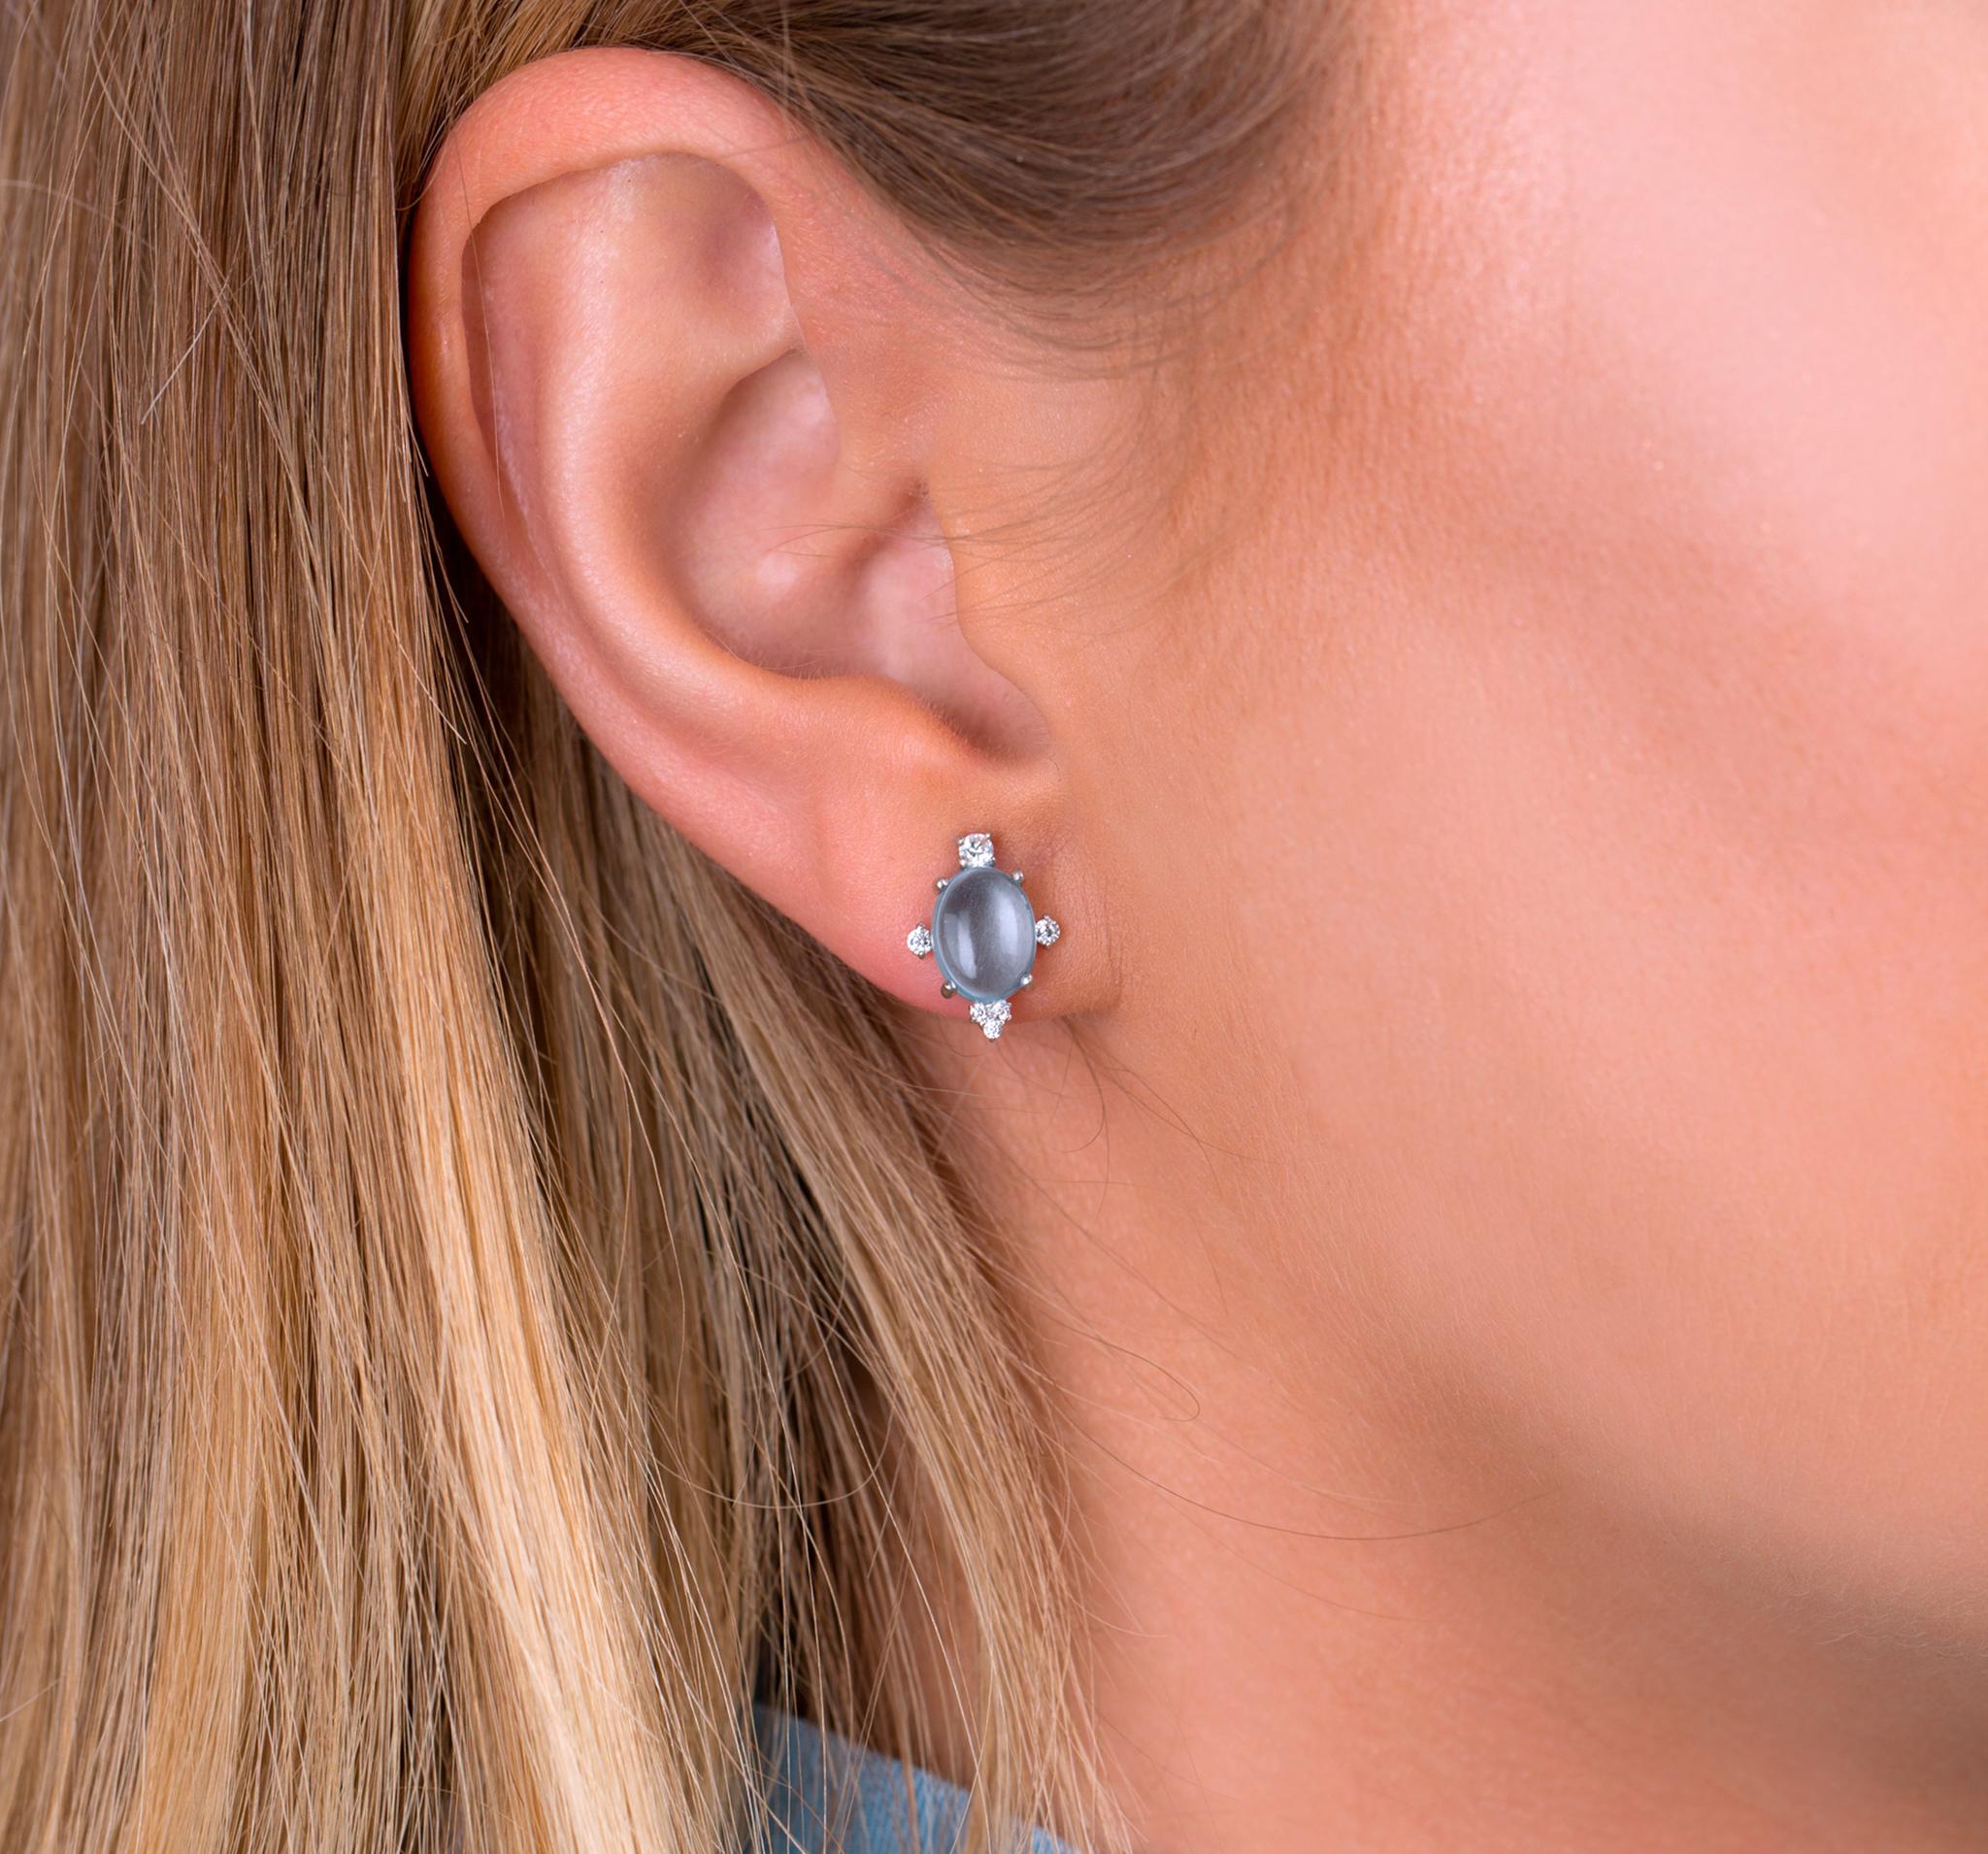 Нежные серебряные серьги-пуссеты с кабошоном натурального голубого топаза